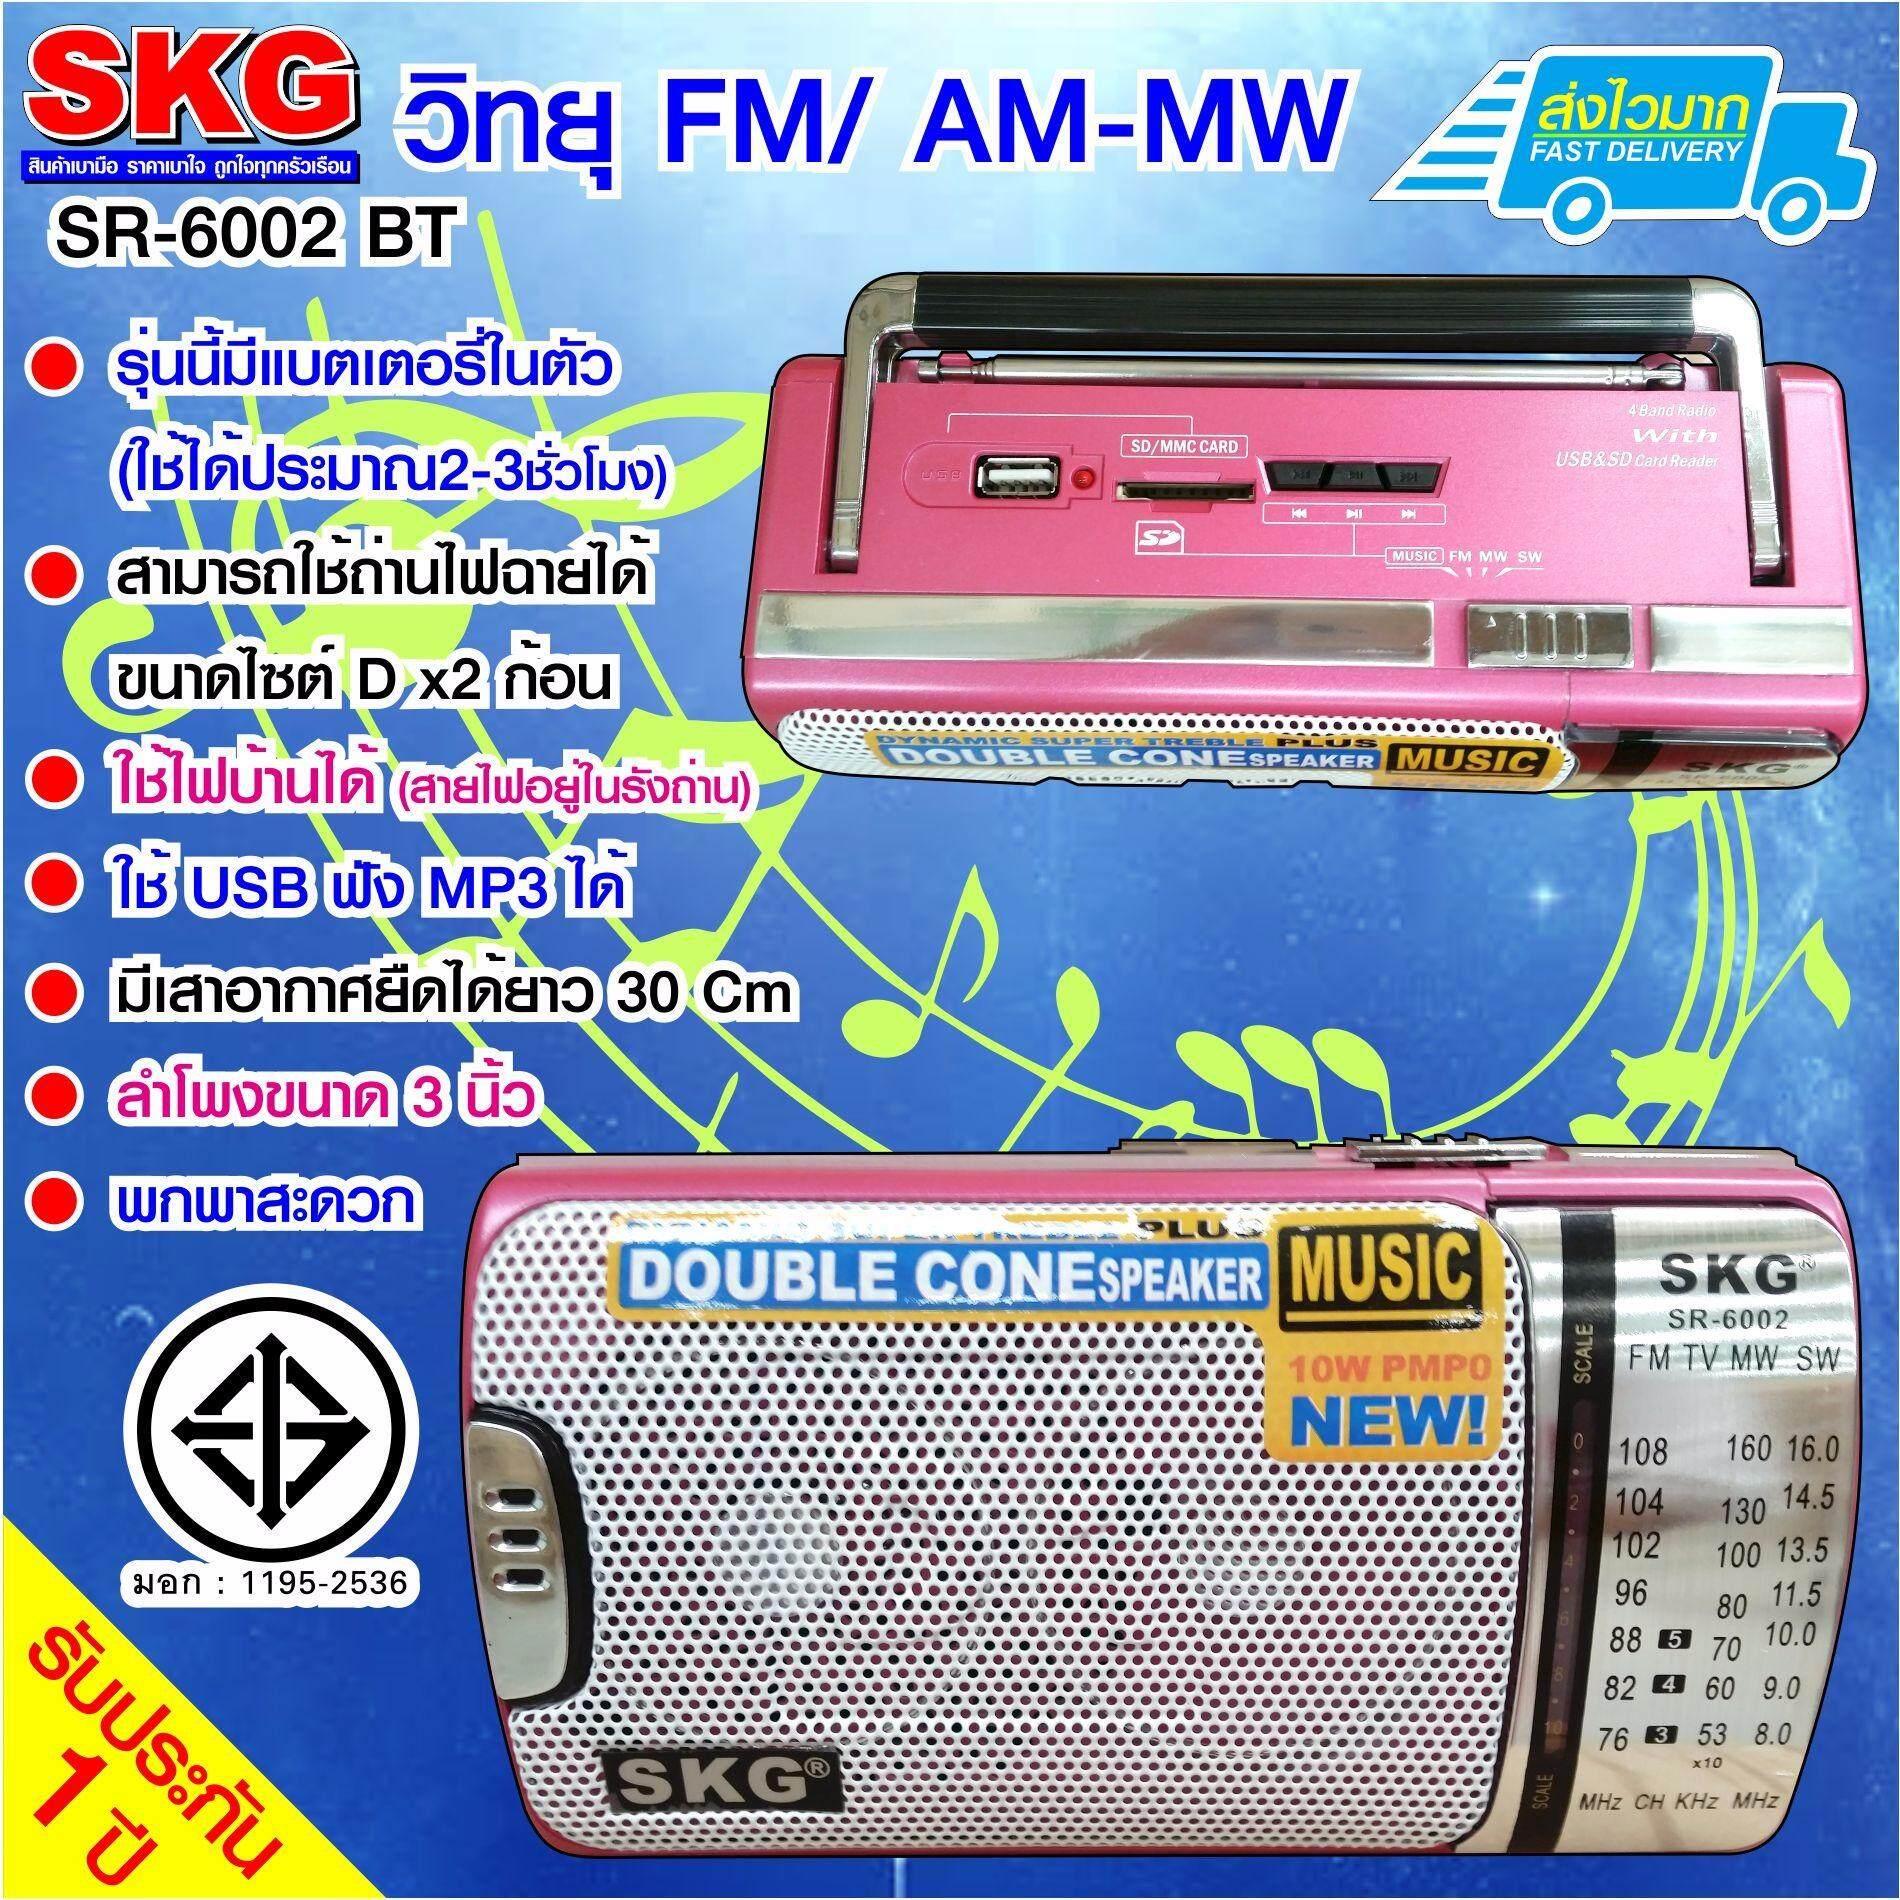 SKG วิทยุ รุ่น SR-6002 BT - สีชมพู